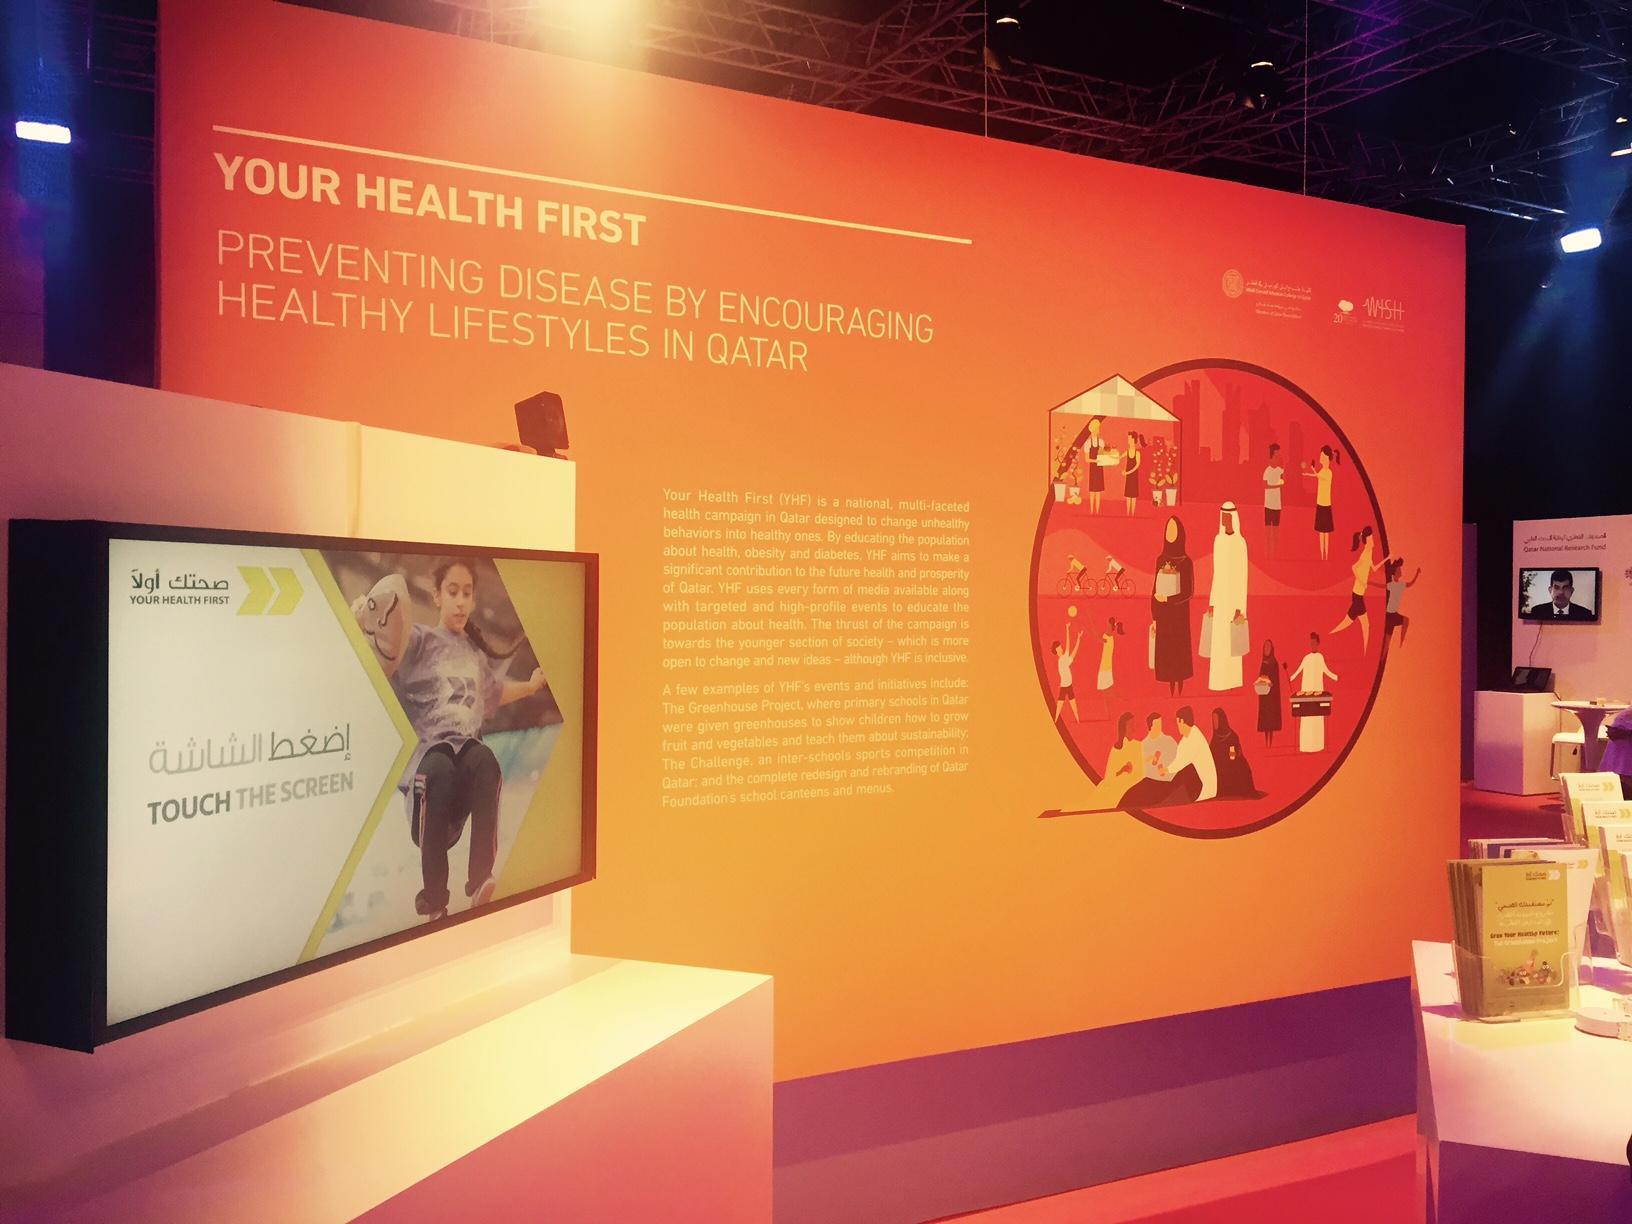 Gesundheit first: Qatar auf der biomedizinisch-digitalen Überholspur.